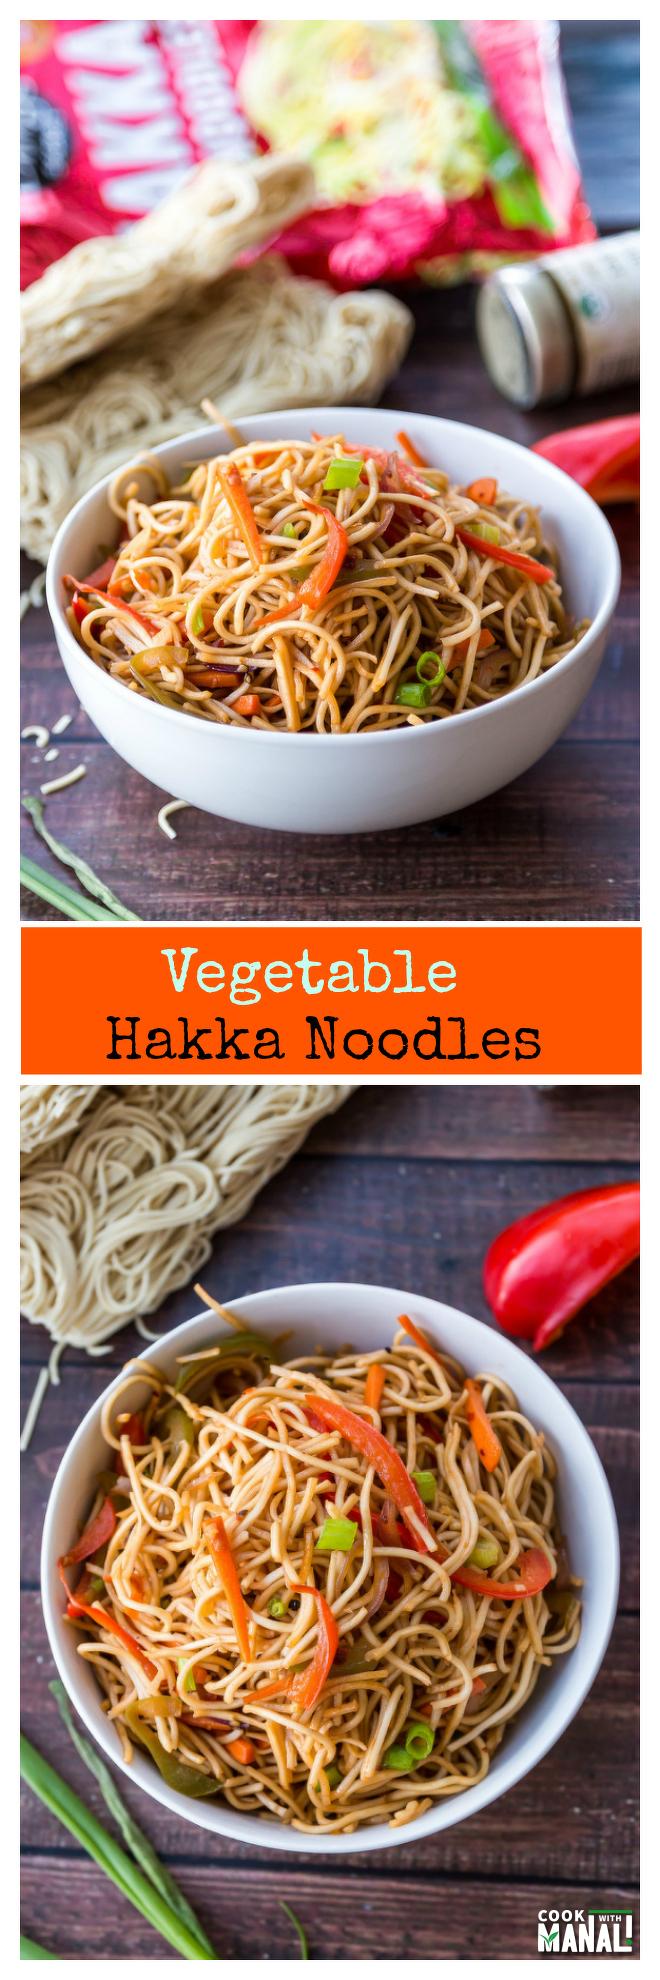 vegetable-hakka-noodles-collage